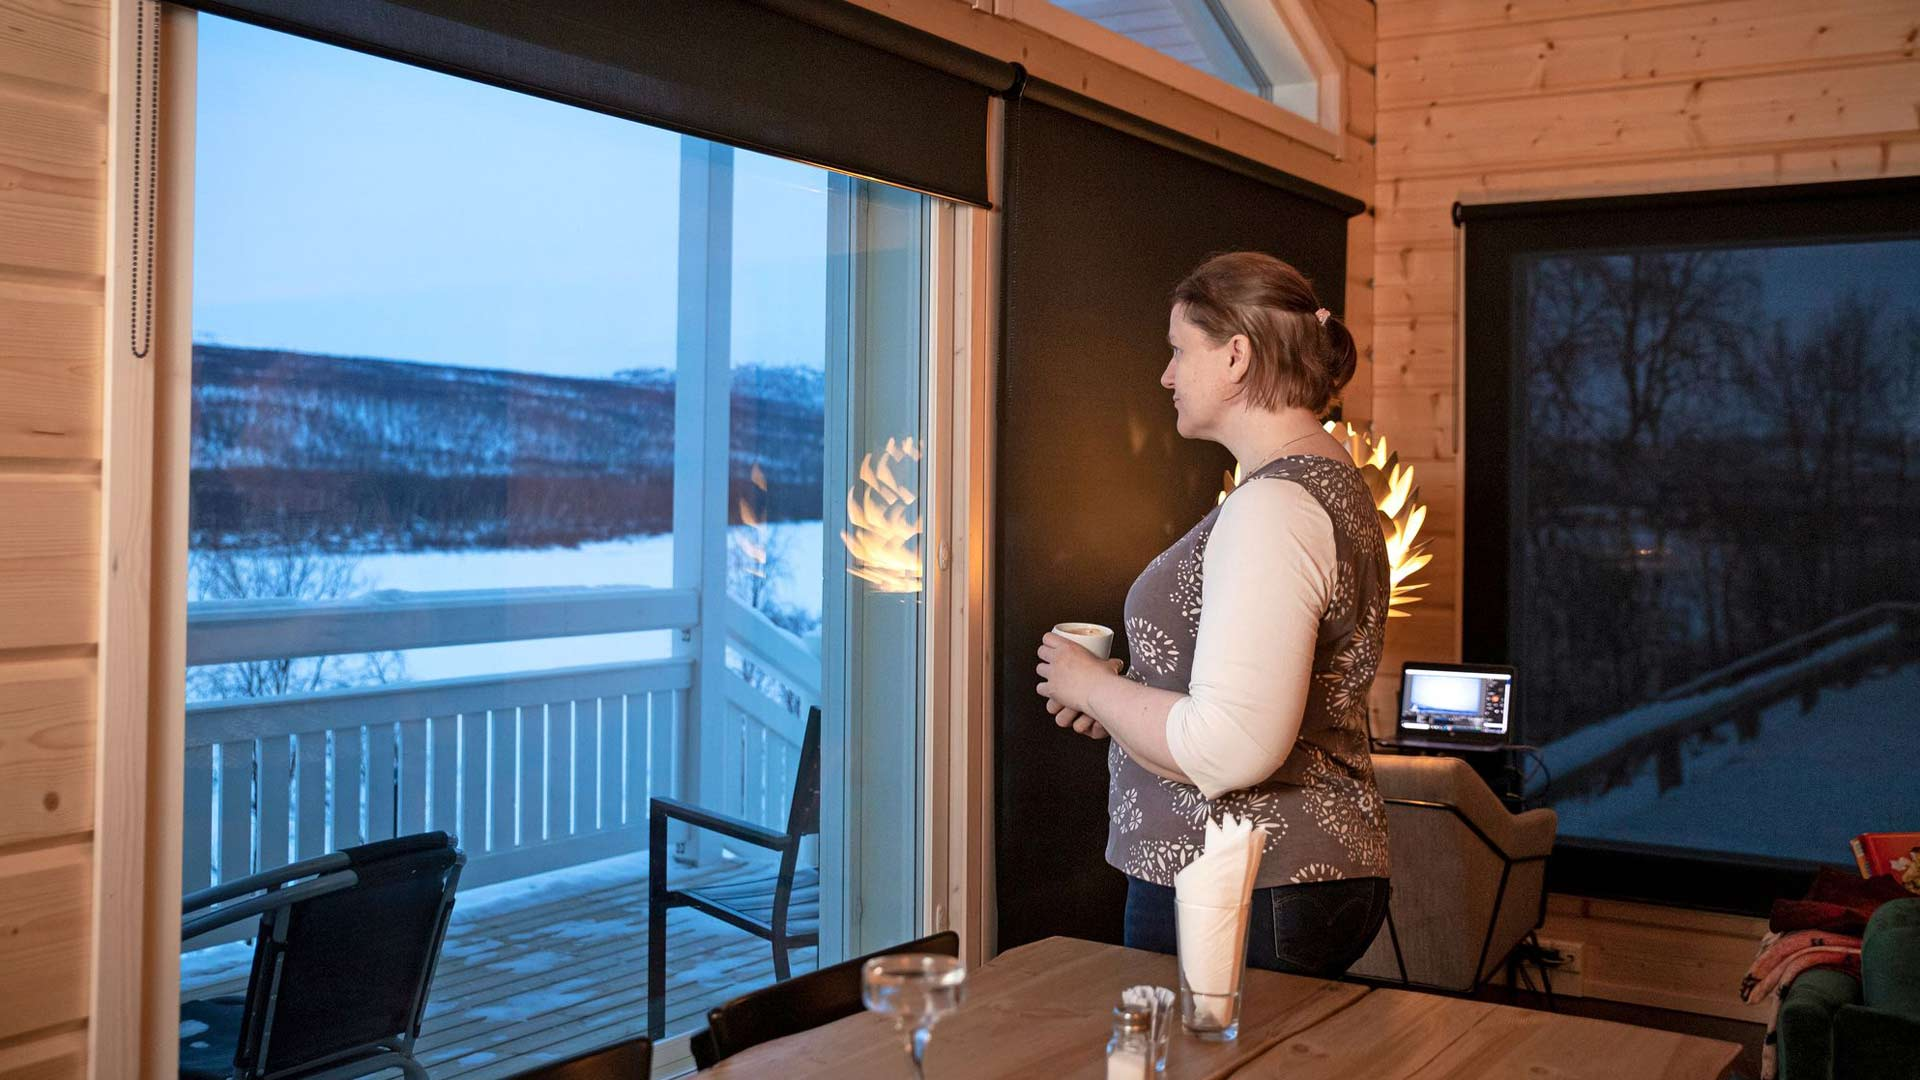 Tiina Salosen hankkimilla himmennysverhoilla pidetään talvella valo sisällä ja kesällä ulkona. Yöttömän yön aurinko paistaa muuten matalalta suoraan silmiin.